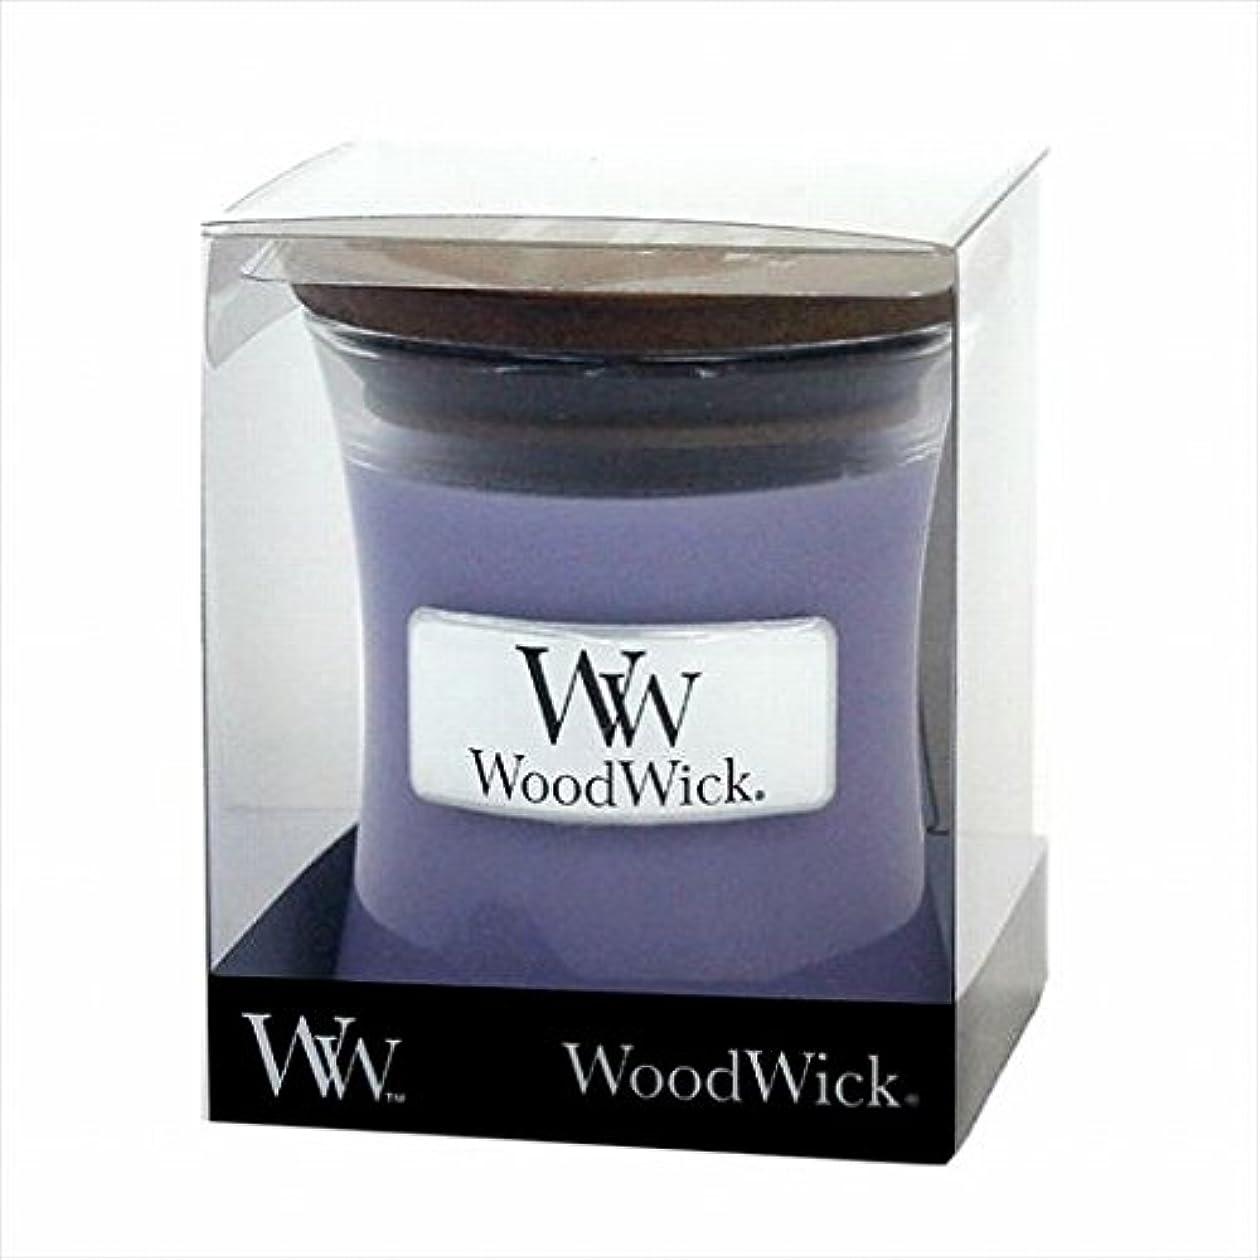 カメヤマキャンドル( kameyama candle ) Wood Wick ジャーS 「 ラベンダースパ 」